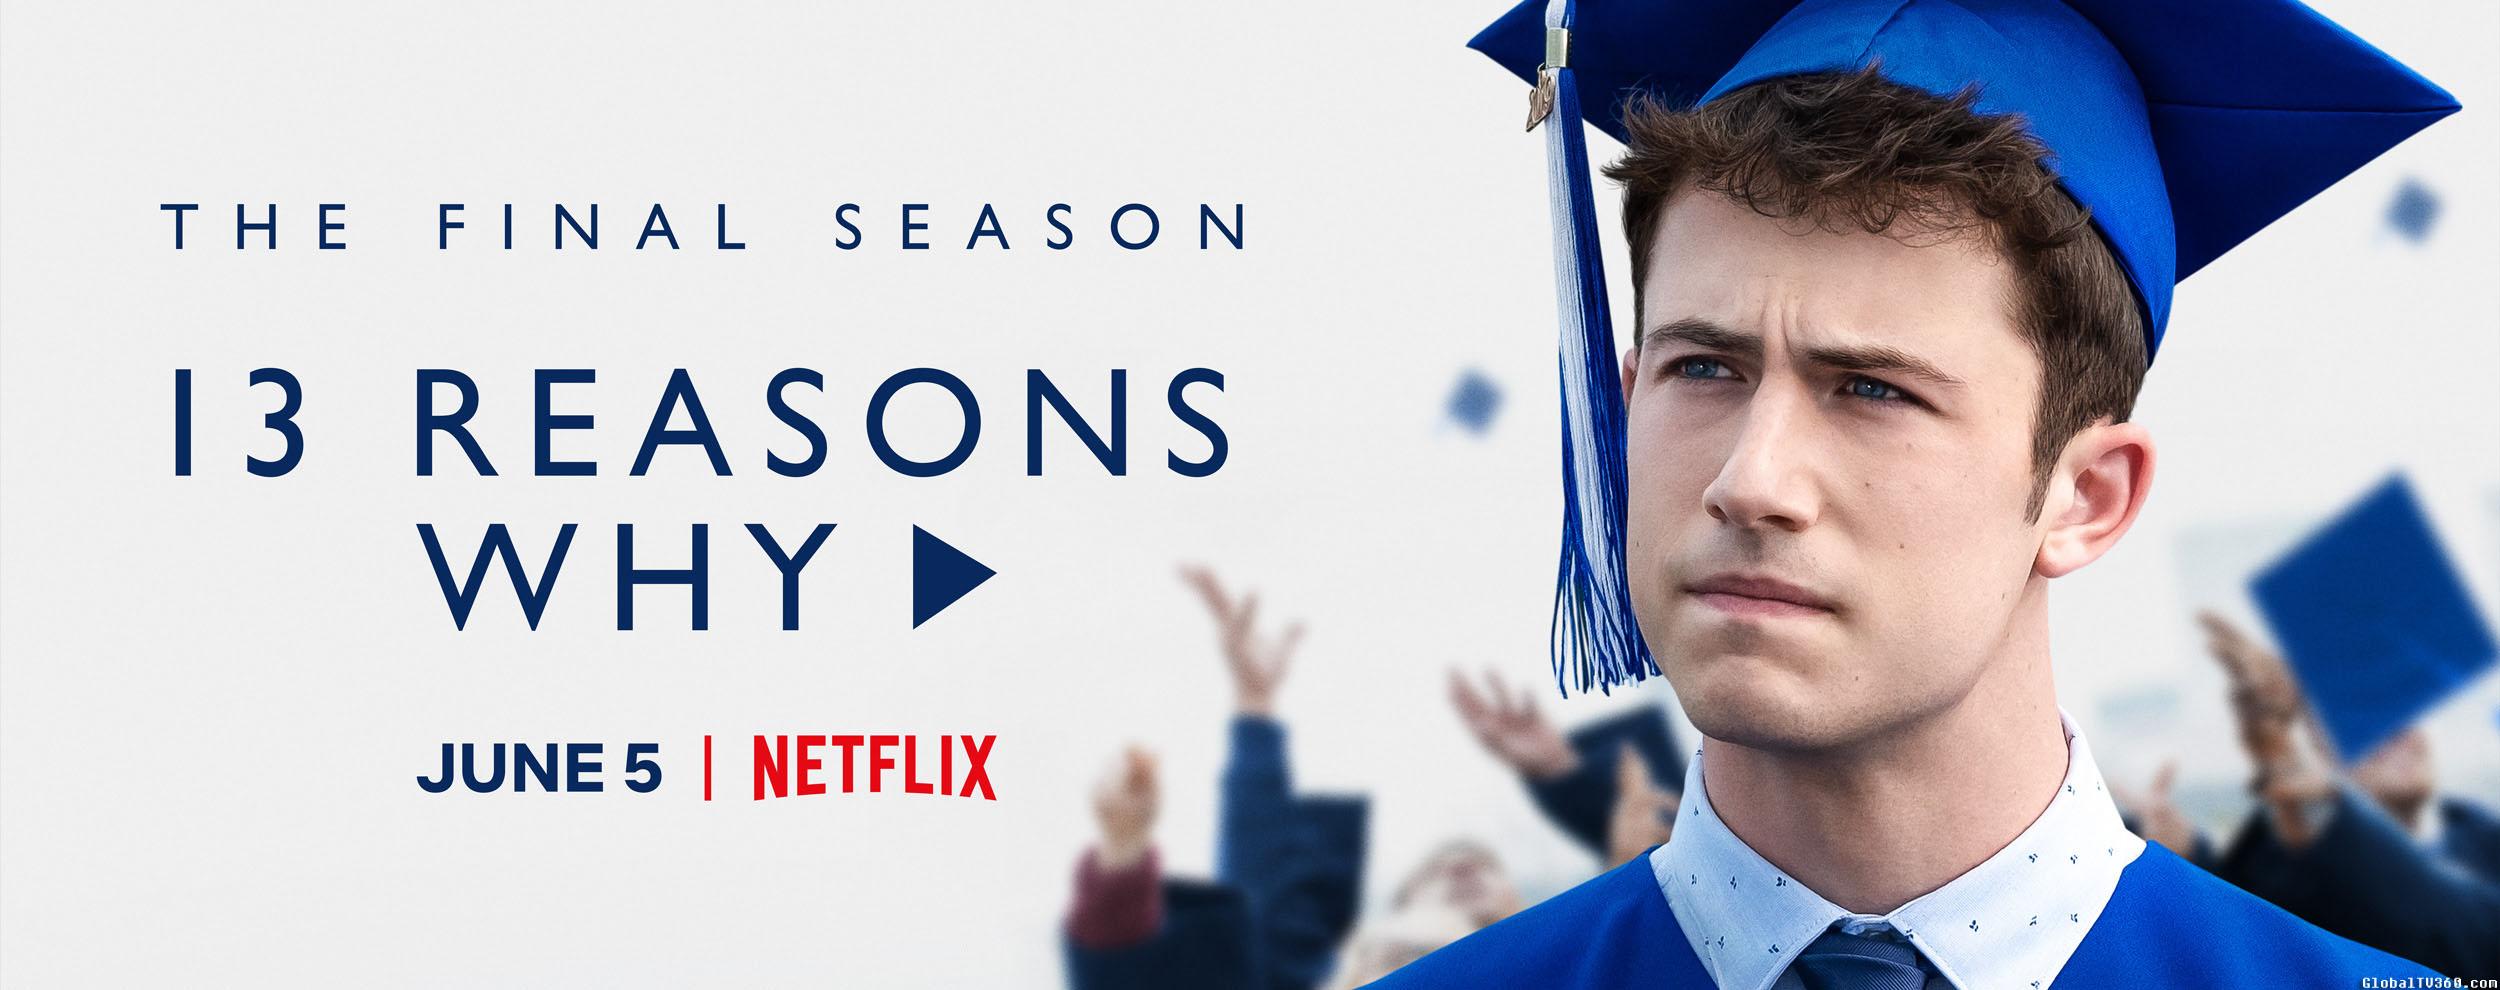 十三个原因 13 Reasons Why 完结季 第4季 官方海报及官方预告